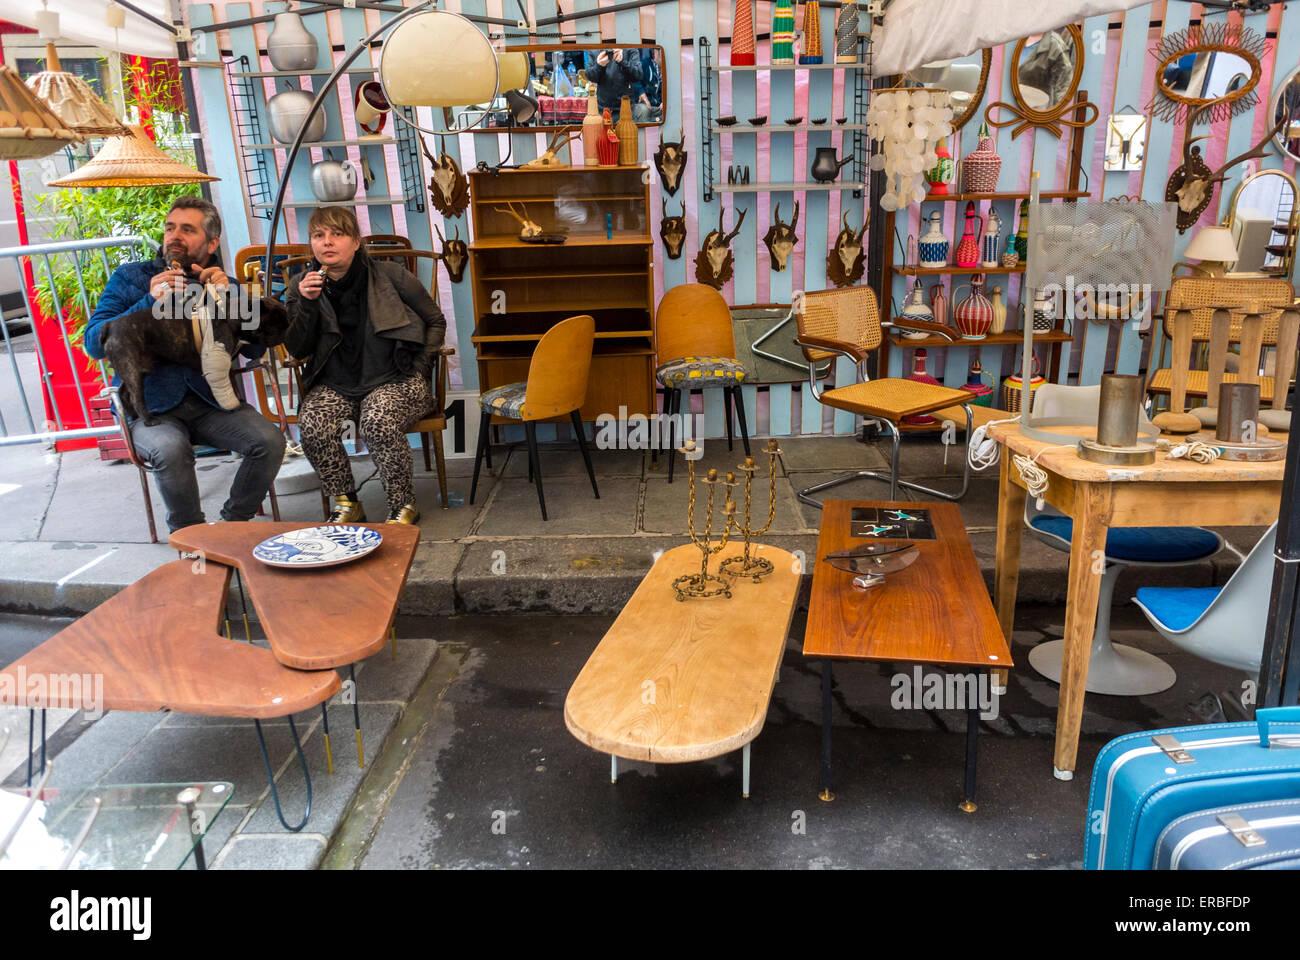 paris france mobilier vintage dcroche langlais garage sale brocante sur rue dans le quartier du marais rue de bretagne square du temple - Meubles Vintage Paris